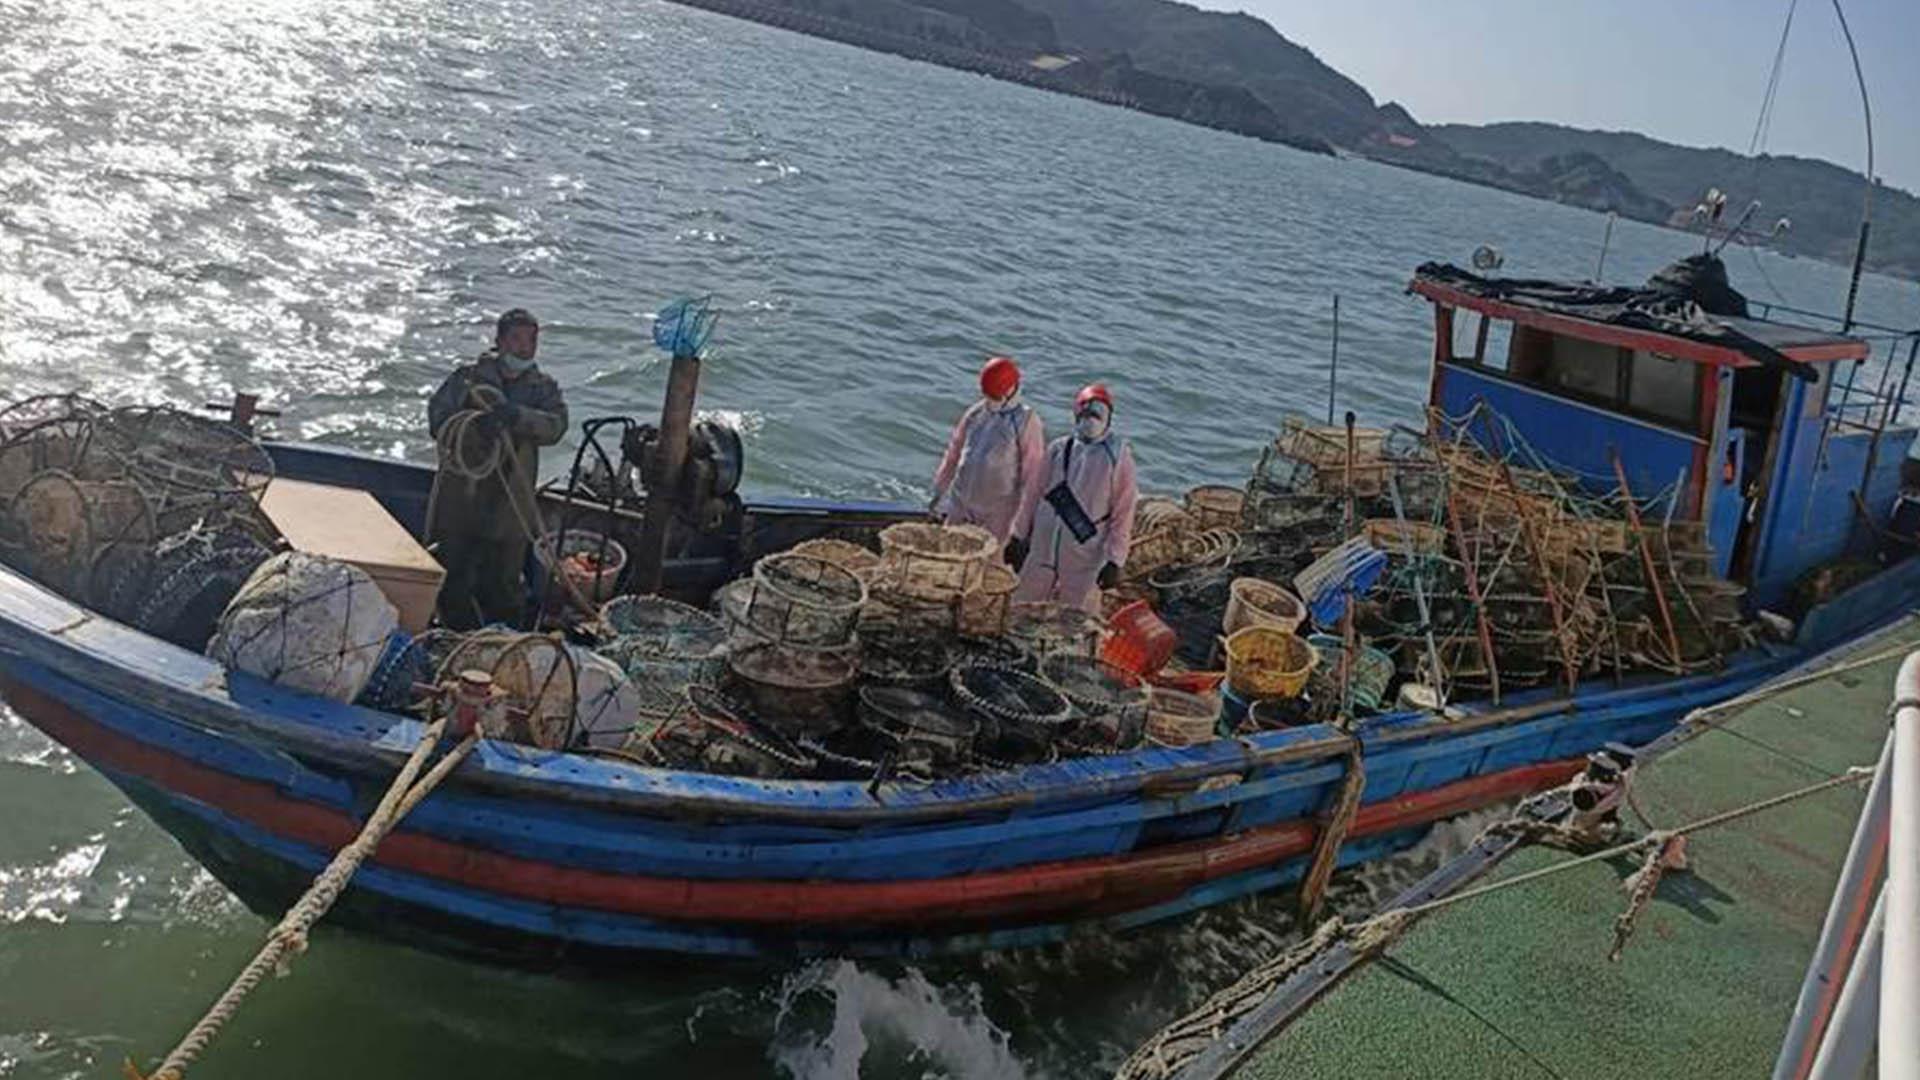 民进党当局查扣大陆渔船并拘捕4人 解放军军机连续5天入台空域图片